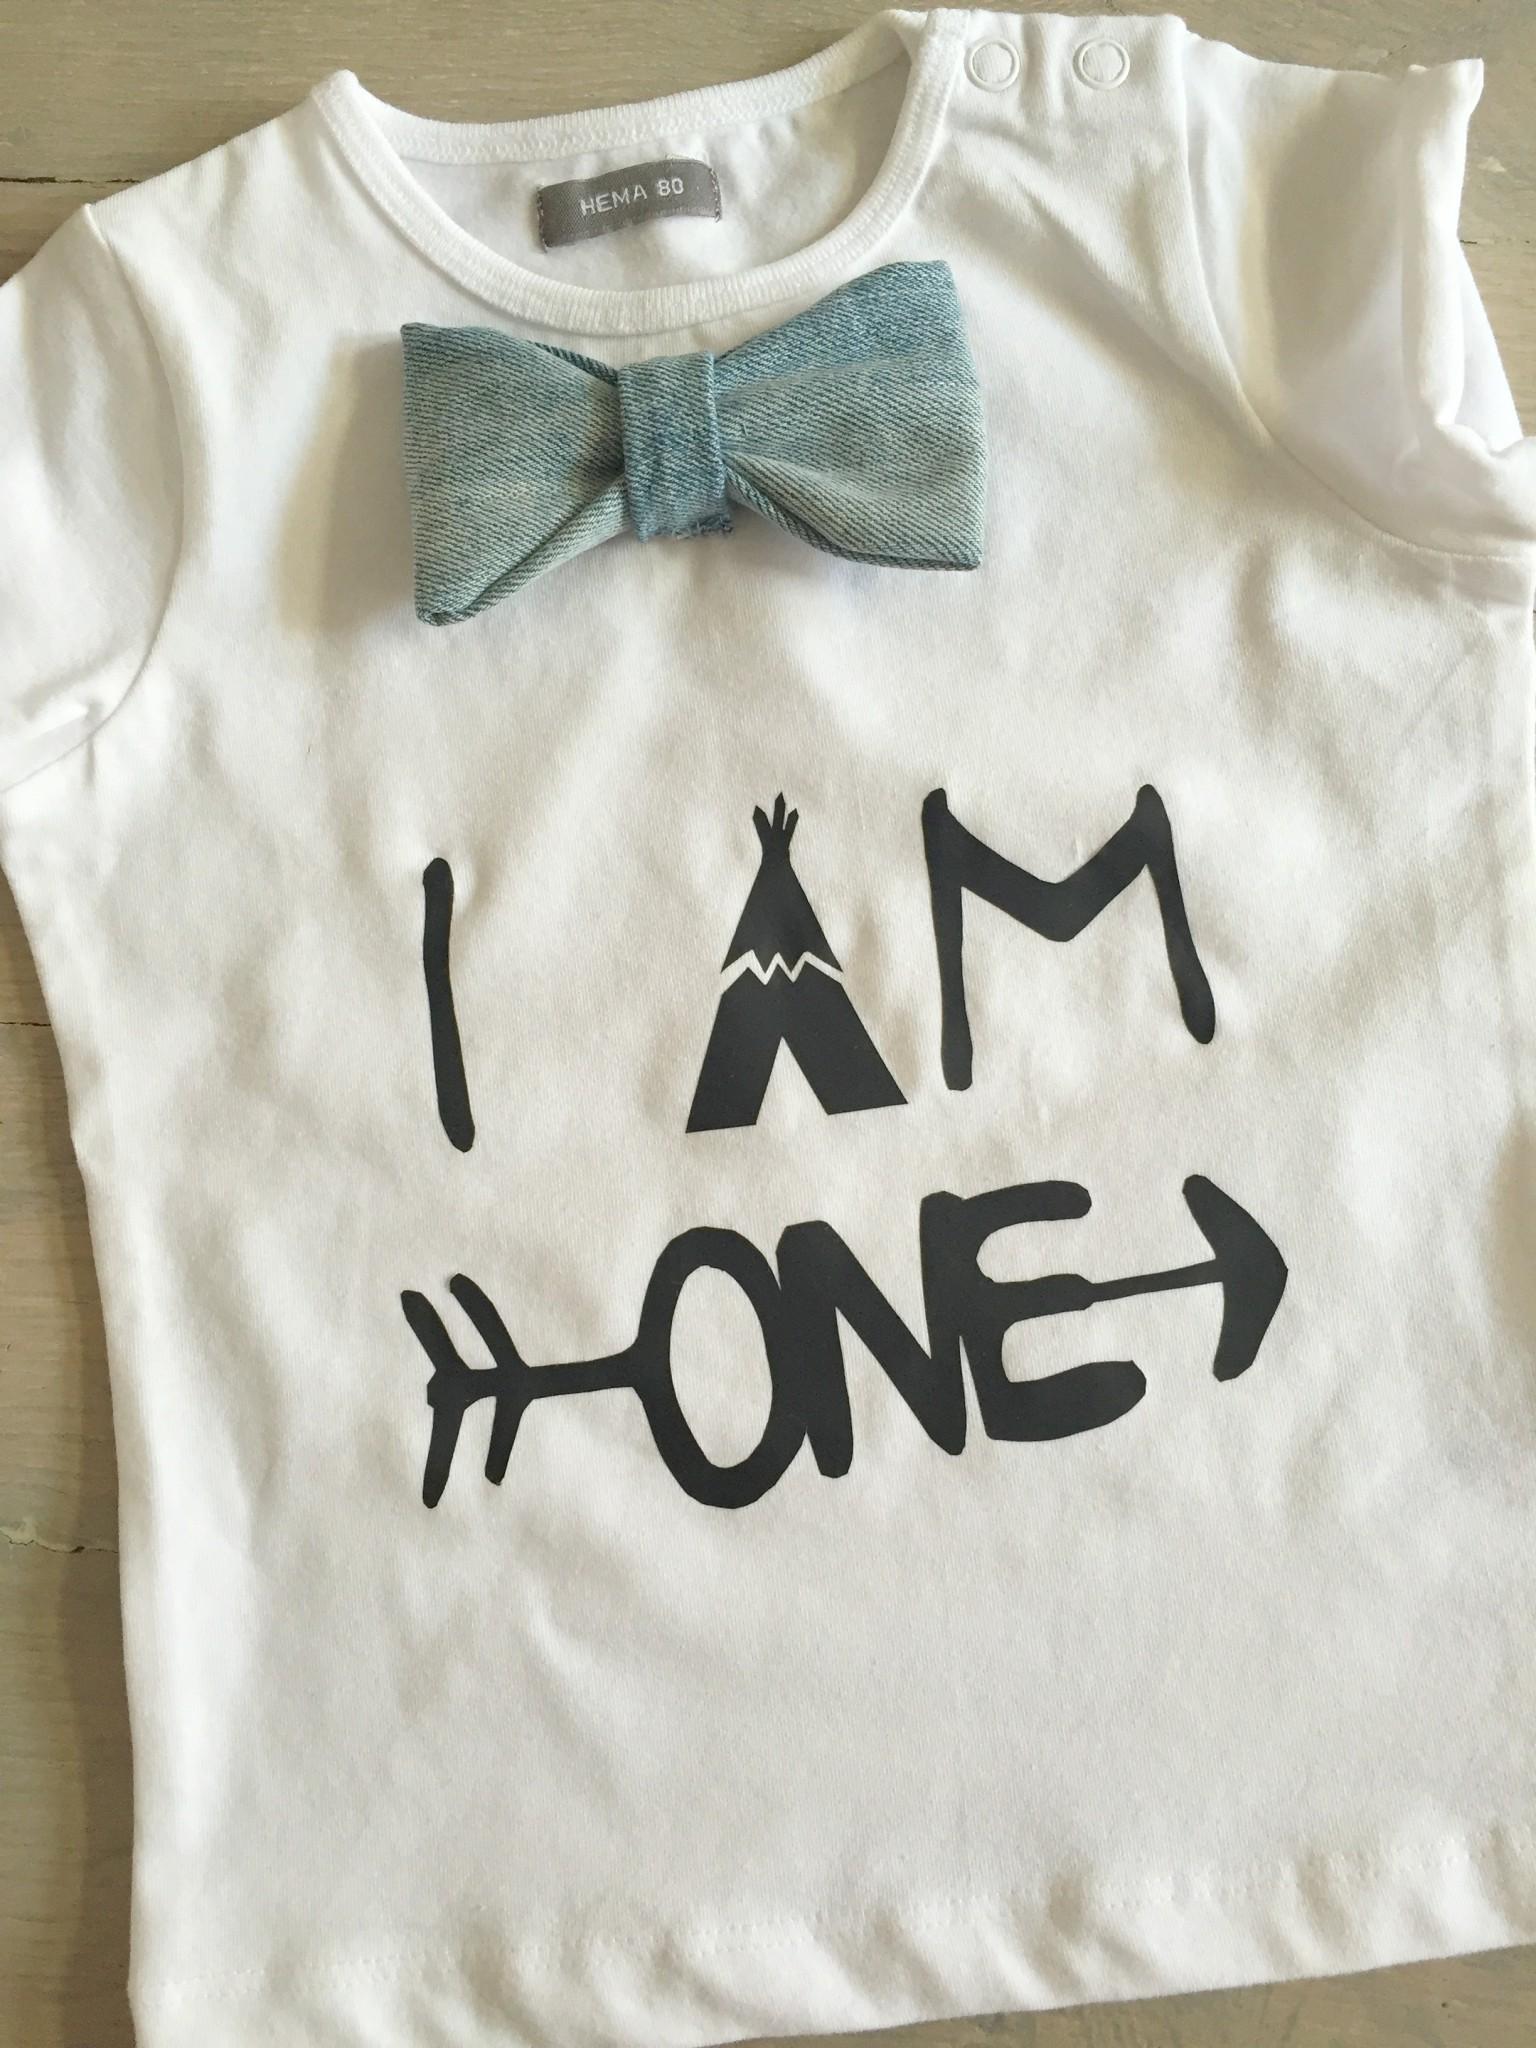 Vaak DIY flexfolie: Verjaardag shirt maken.... ~ Lief thuis #SU33